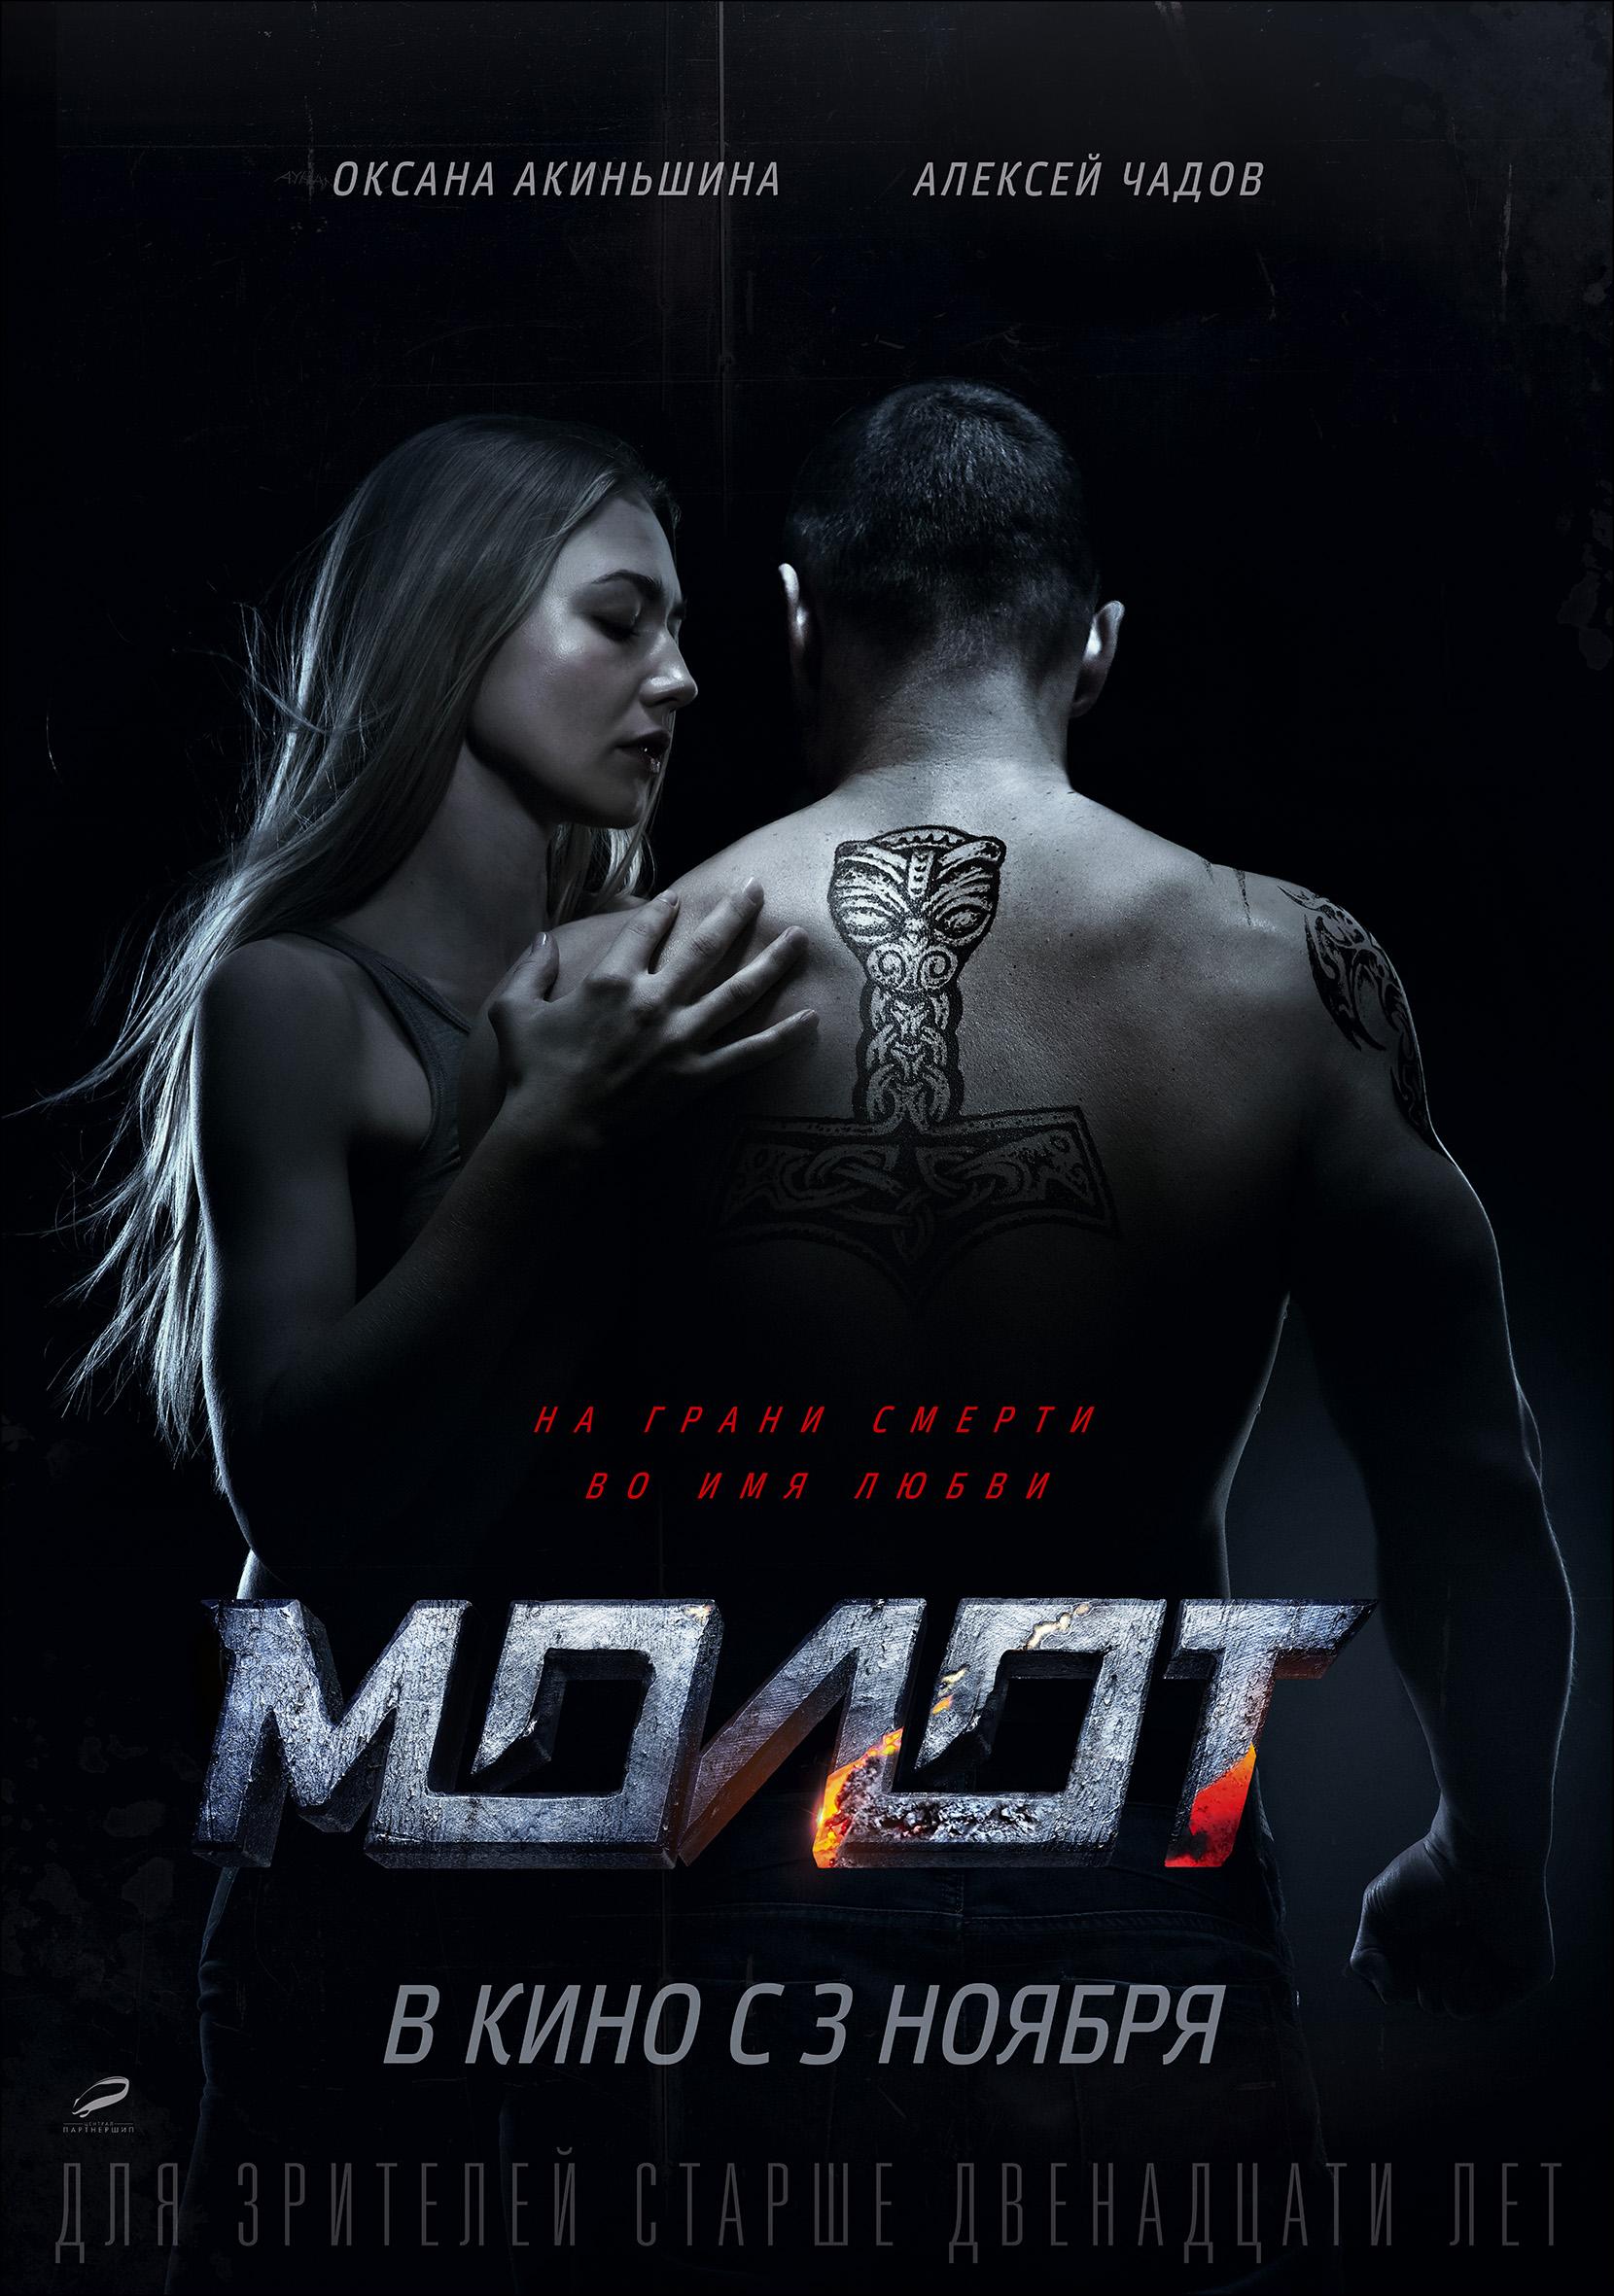 Смотреть фильмы онлайн в HD, хорошем качестве